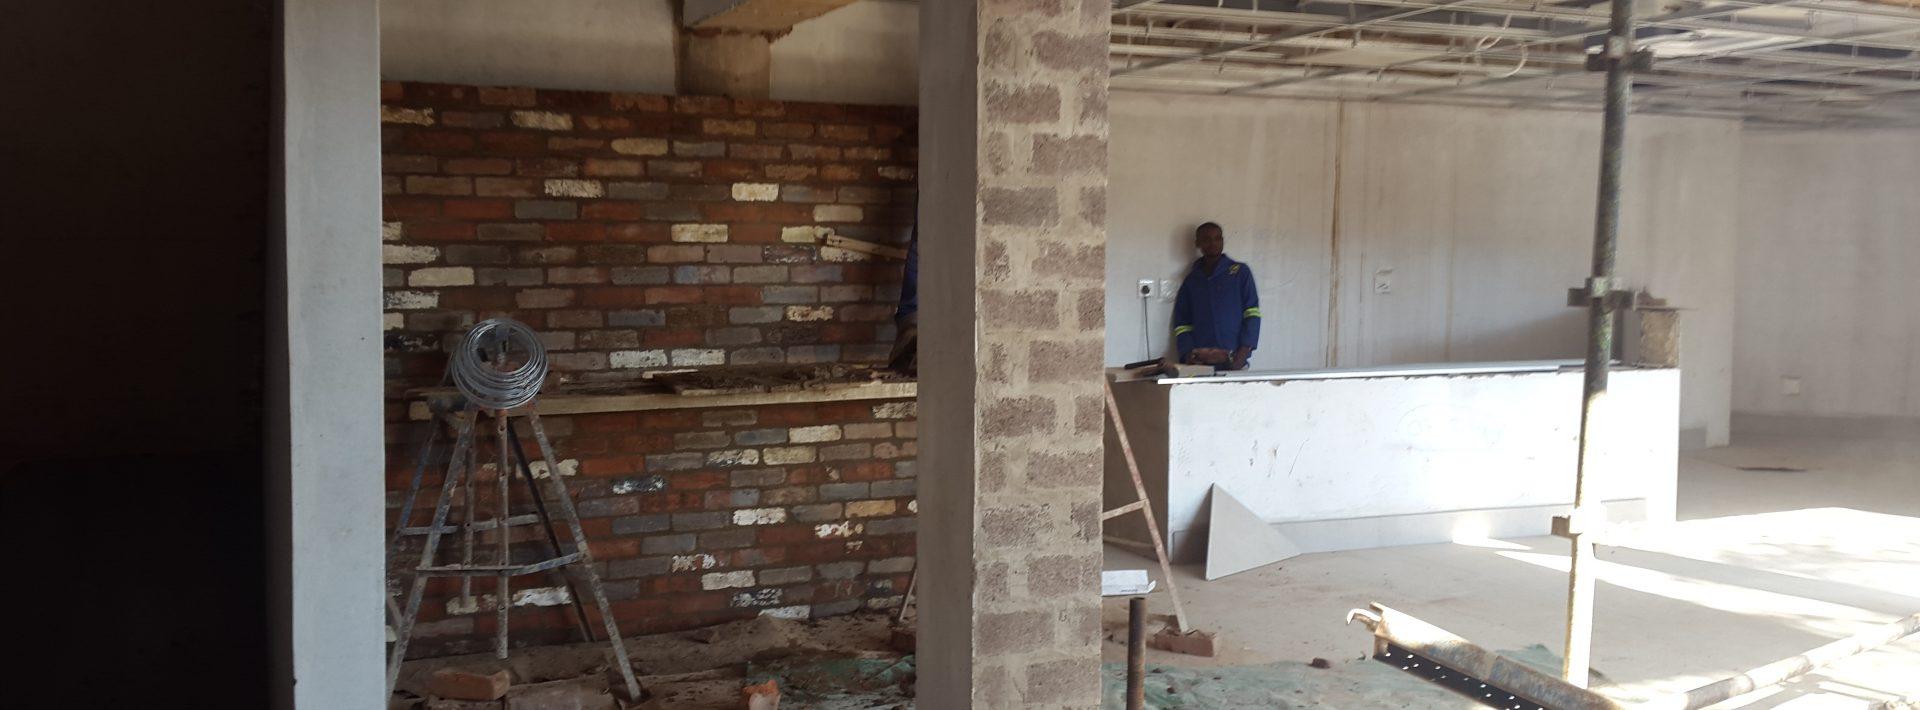 May 2016 - brick wall